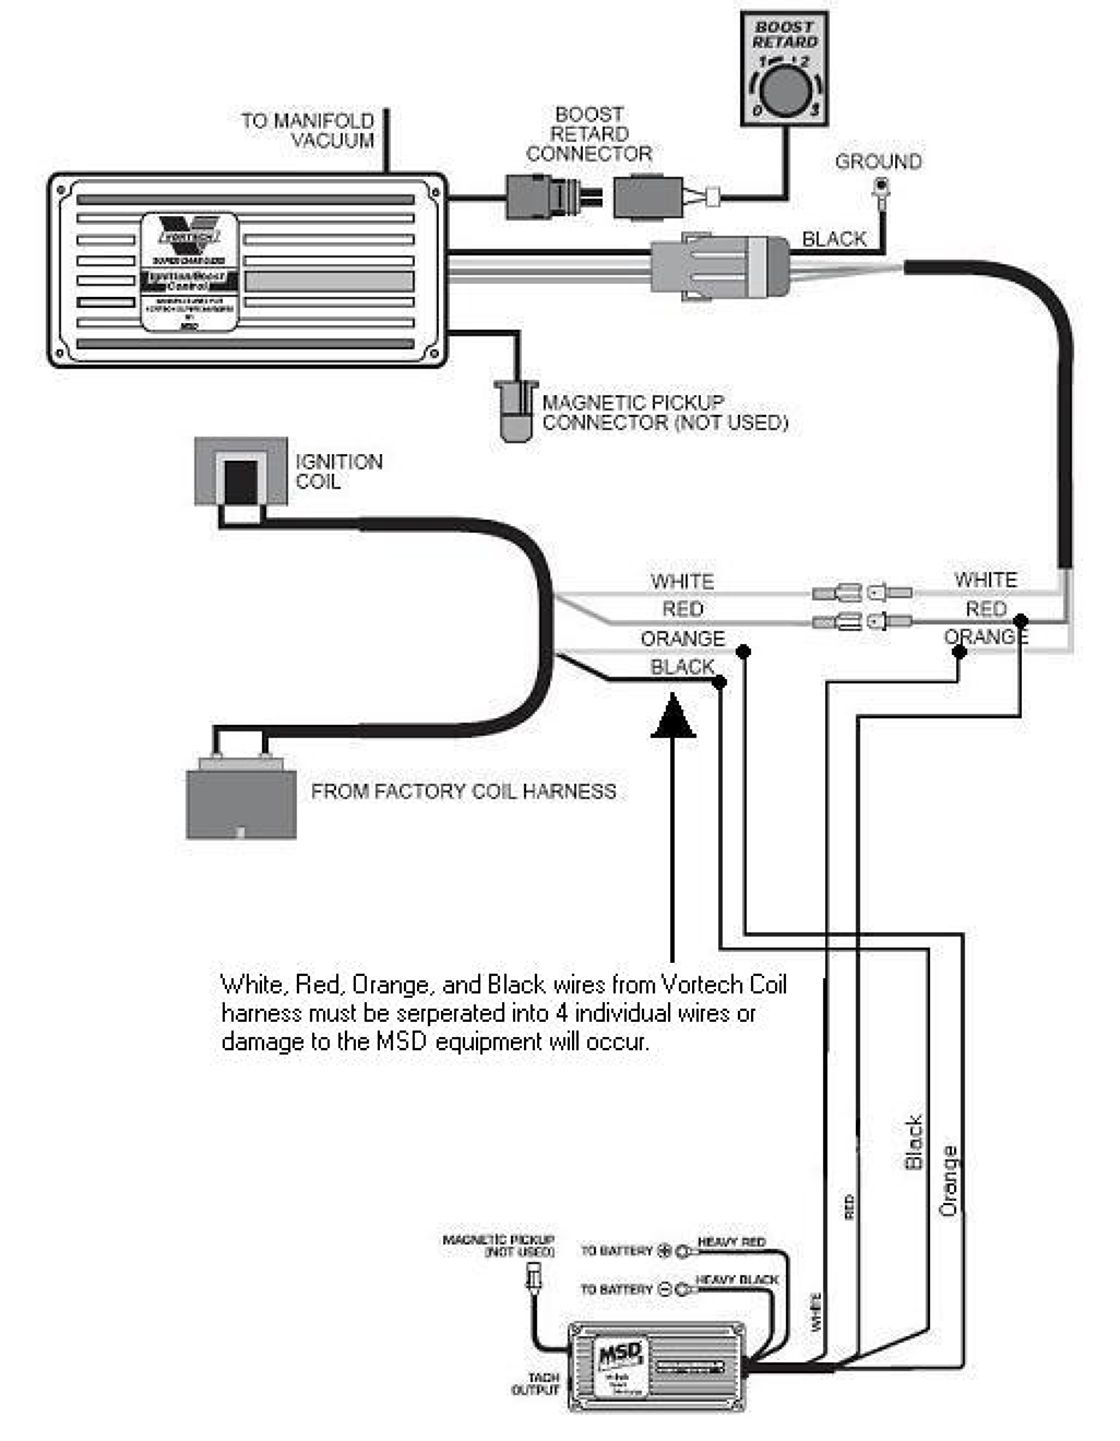 Boost Msd Digital 6Al Wiring Diagram | Wiring Diagram - Msd Digital 6Al Wiring Diagram